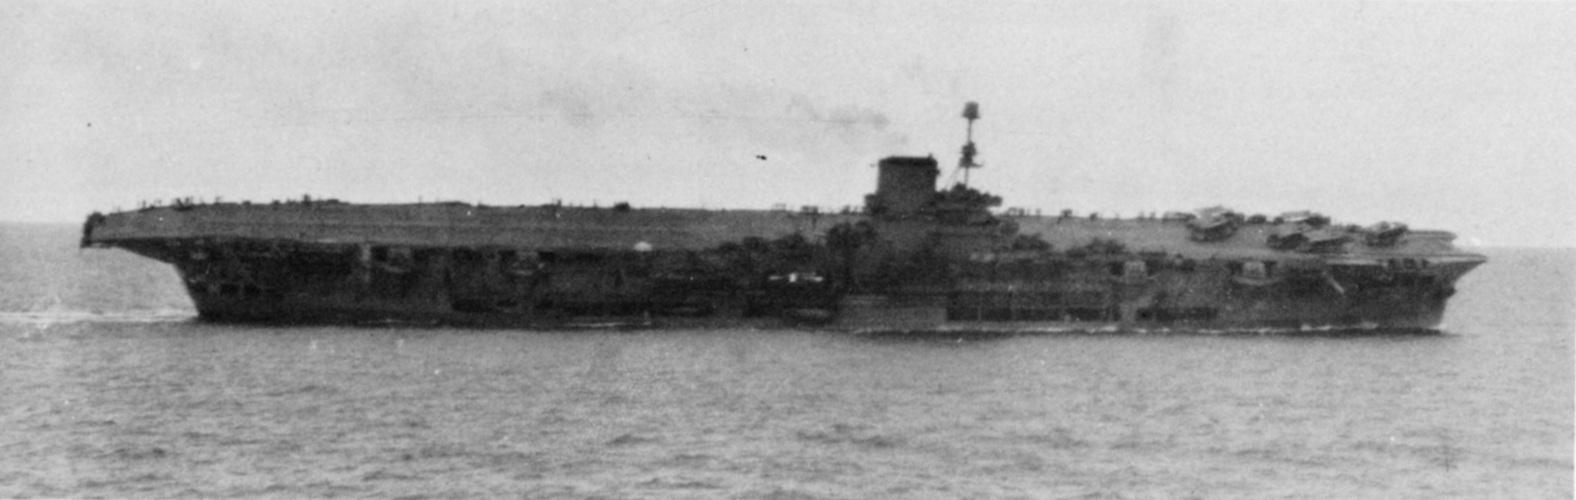 Ark Royal torpedoed & listing 13.11.41.JPG